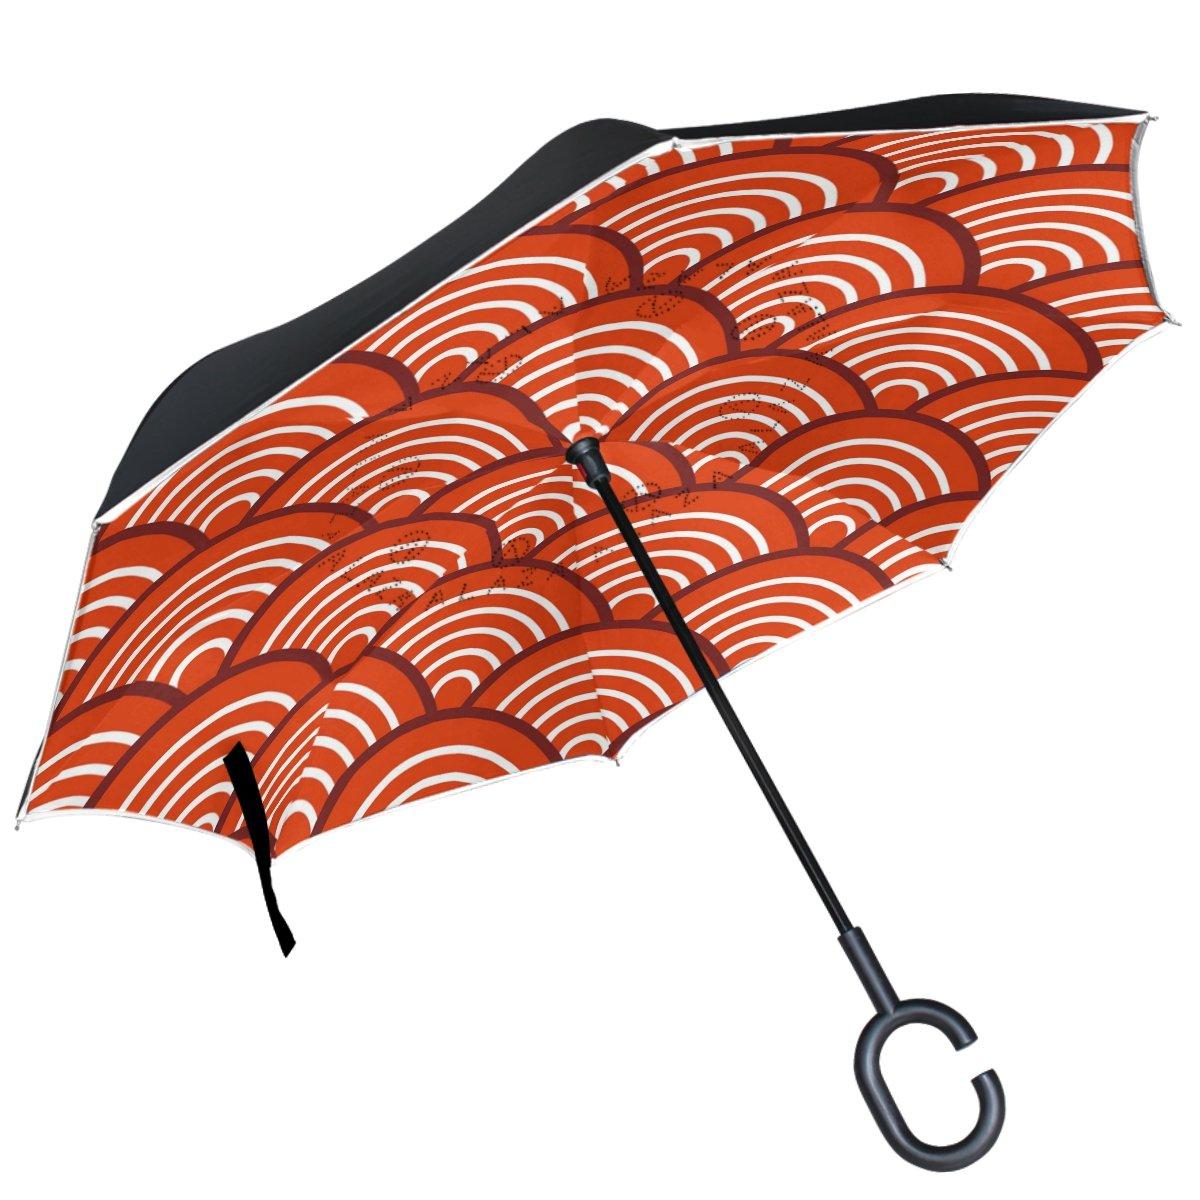 ALAZA Rouge traditionnel Wave Seigaiha inversé Parapluie double couche coupe-vent Parapluie de l'envers